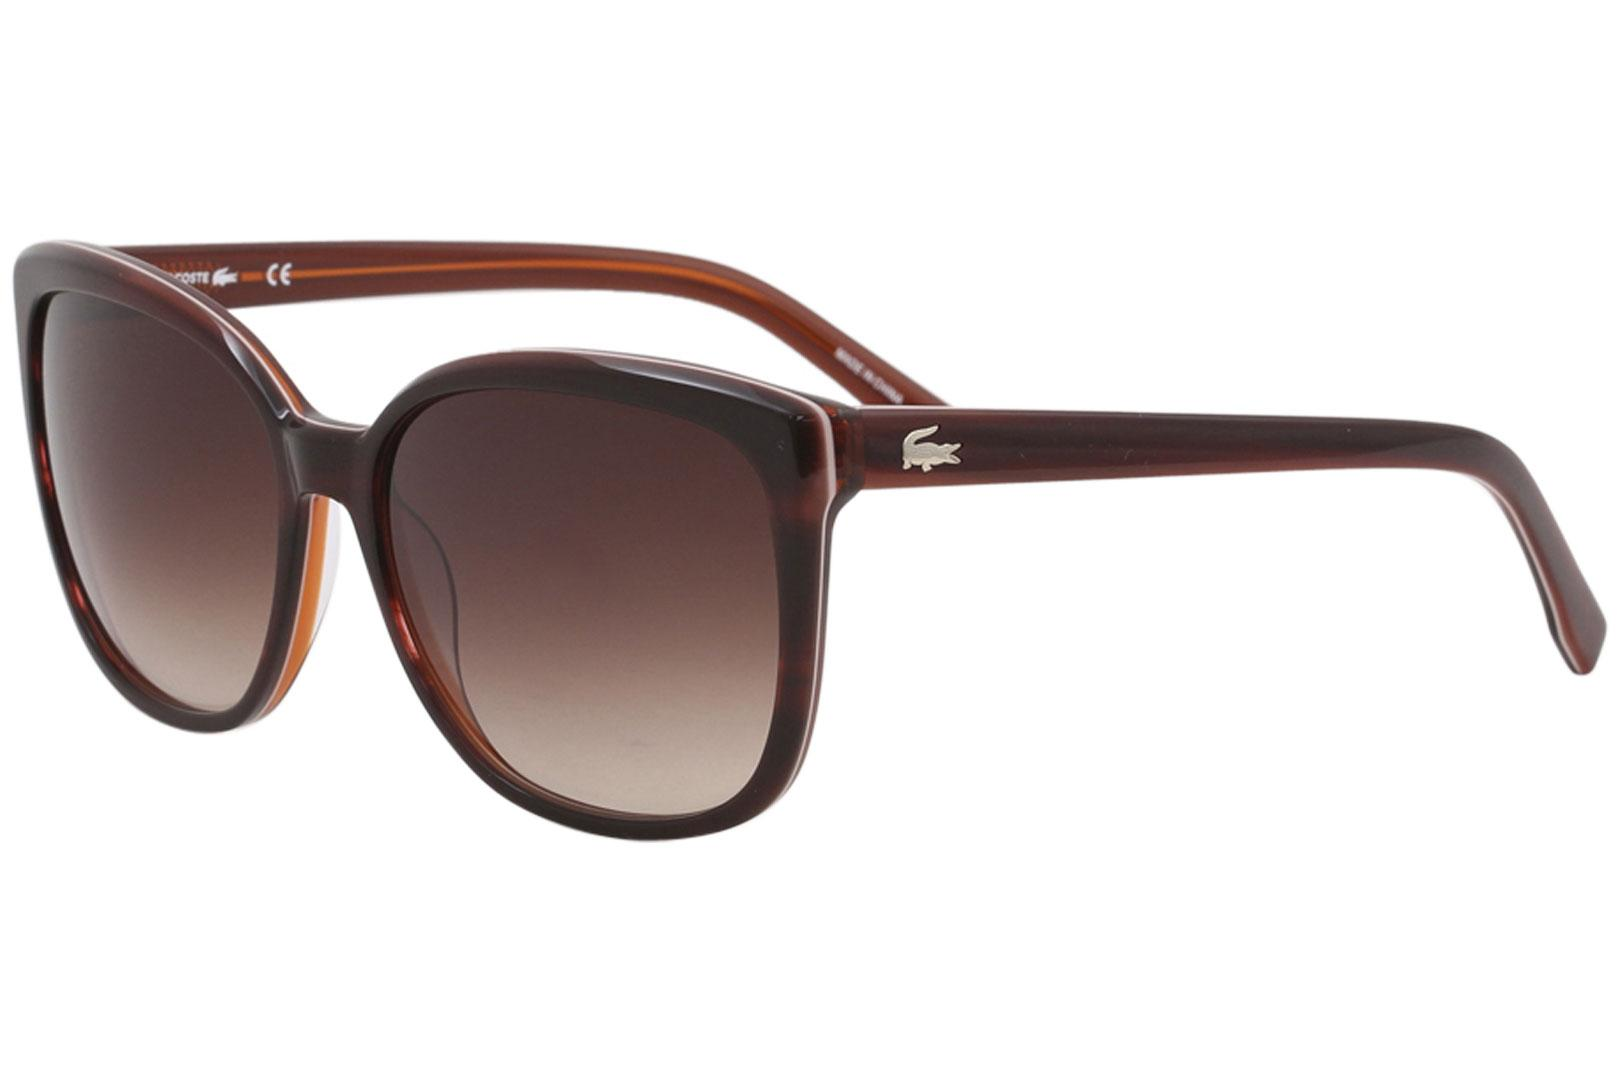 488e53c23e Lacoste Women s L747S L 747 S Fashion Square Sunglasses by Lacoste